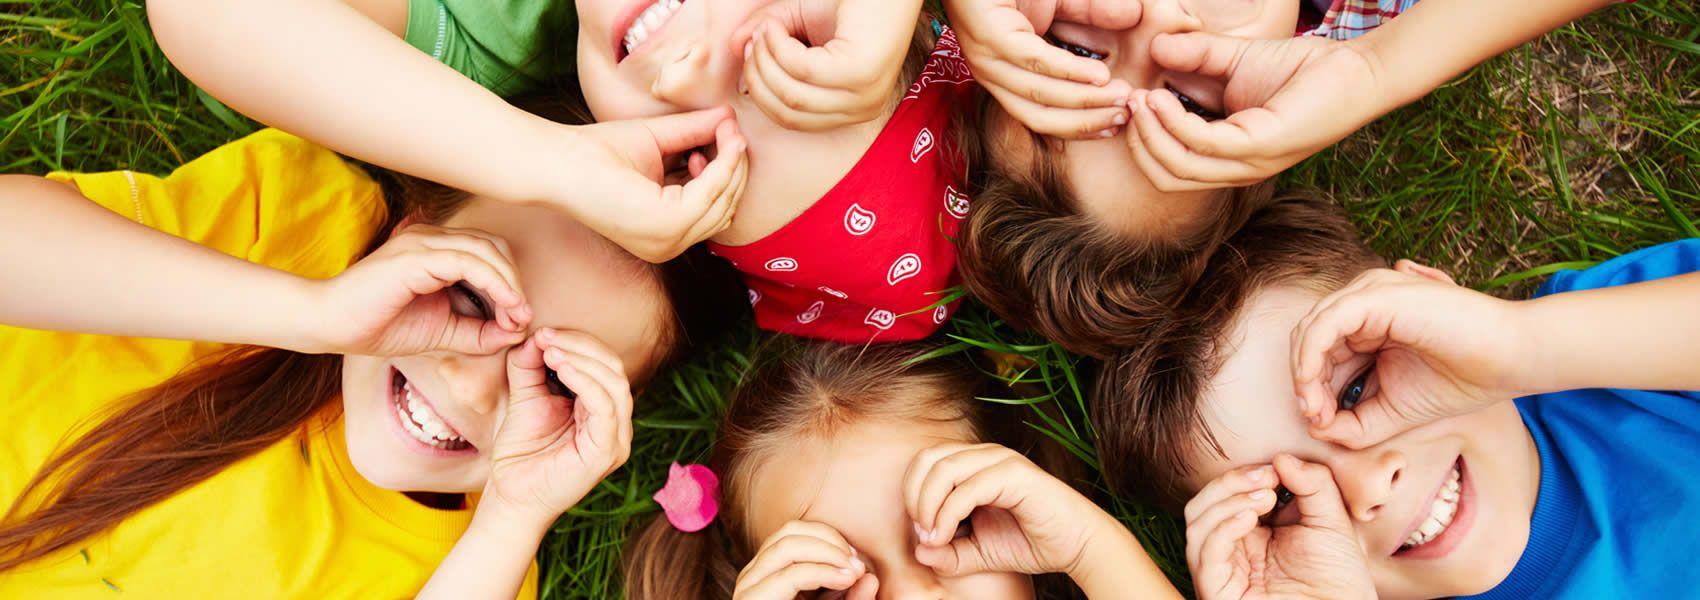 Golpes en los dientes: ¿Cómo actuar correctamente?